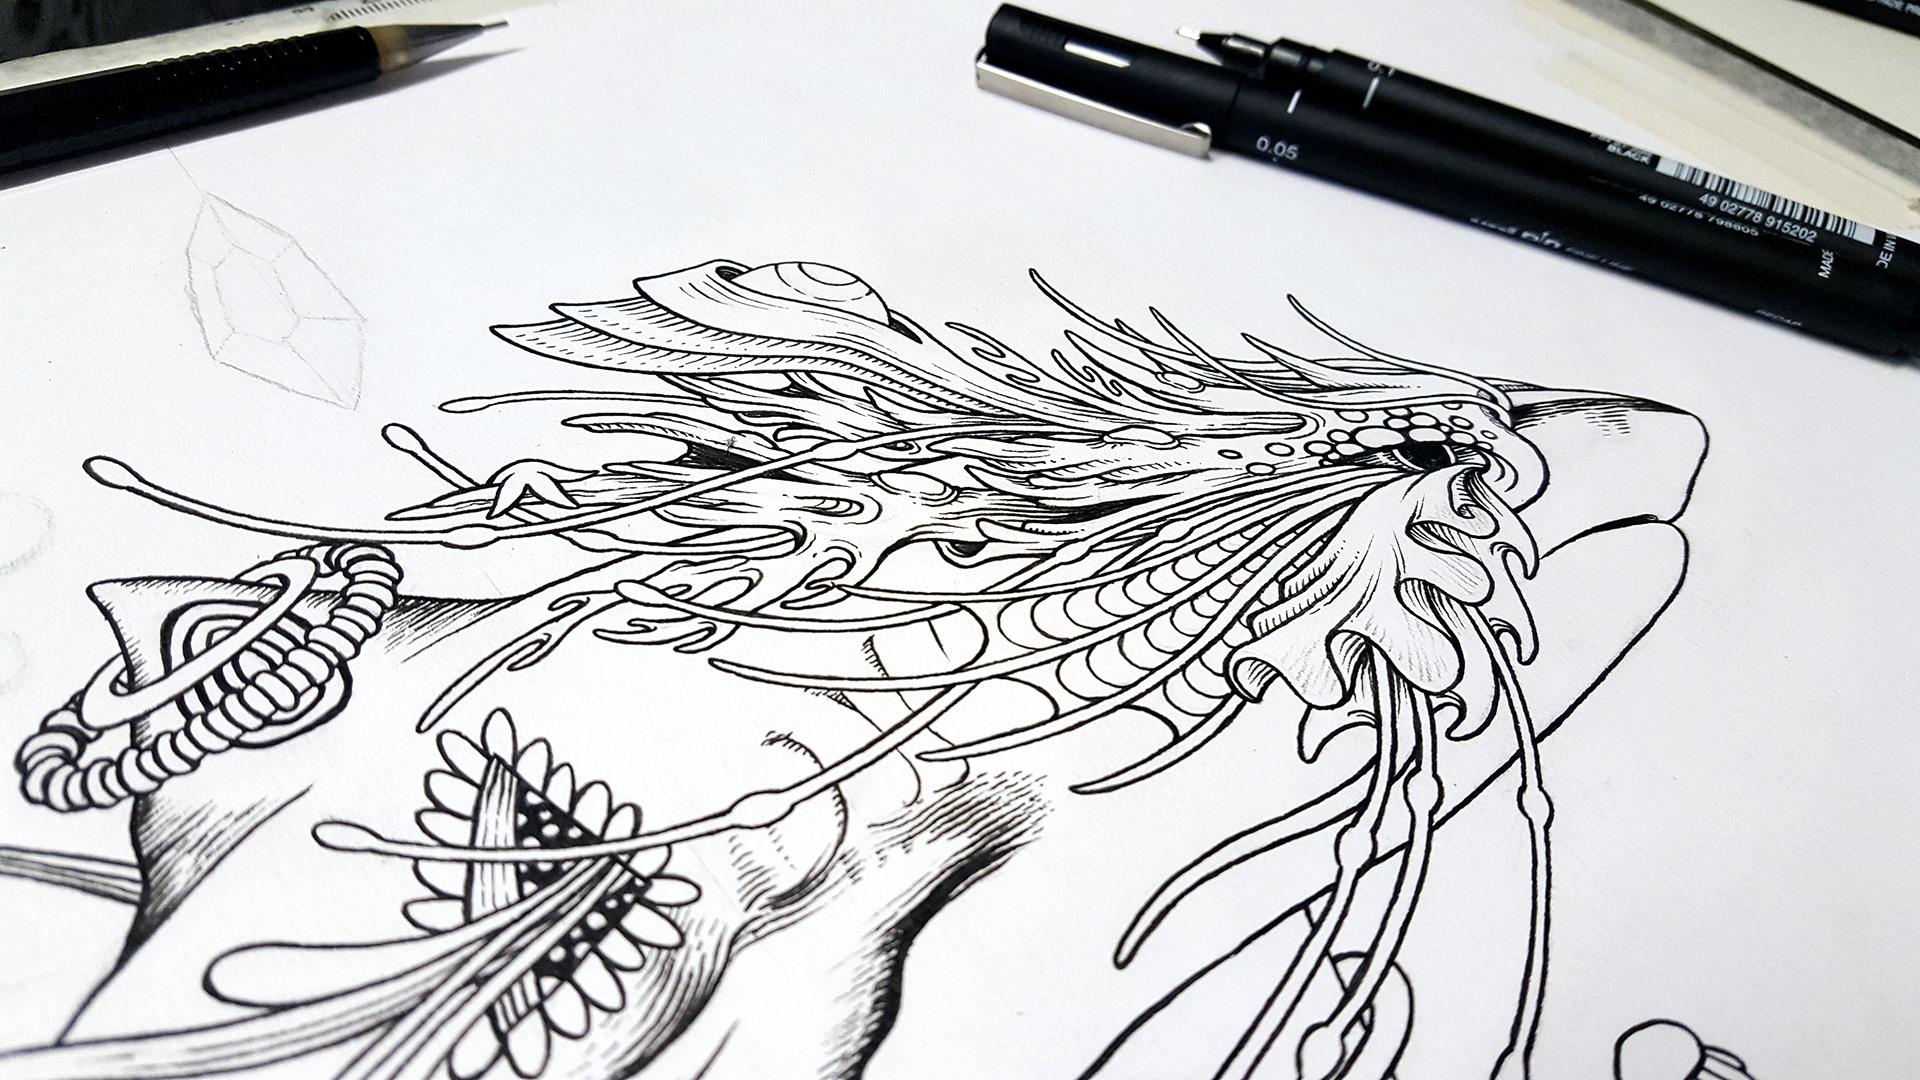 手绘山海经--鲲鹏插画 图形设计 手绘illustration graphic design